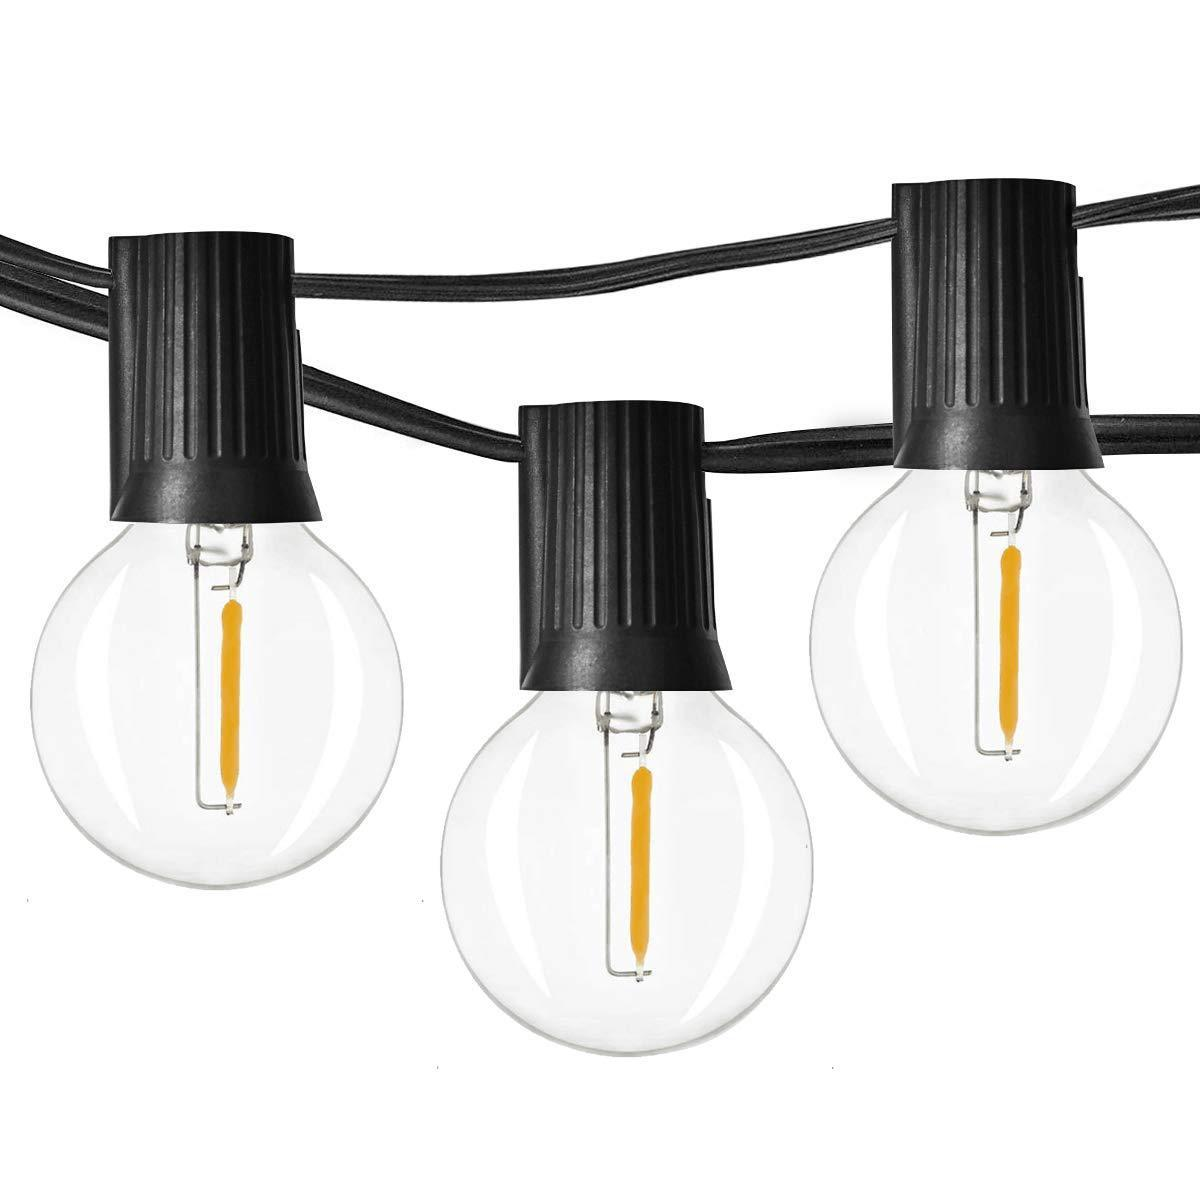 Litehouse 25LED Warm White Bulb String Lights - 10m